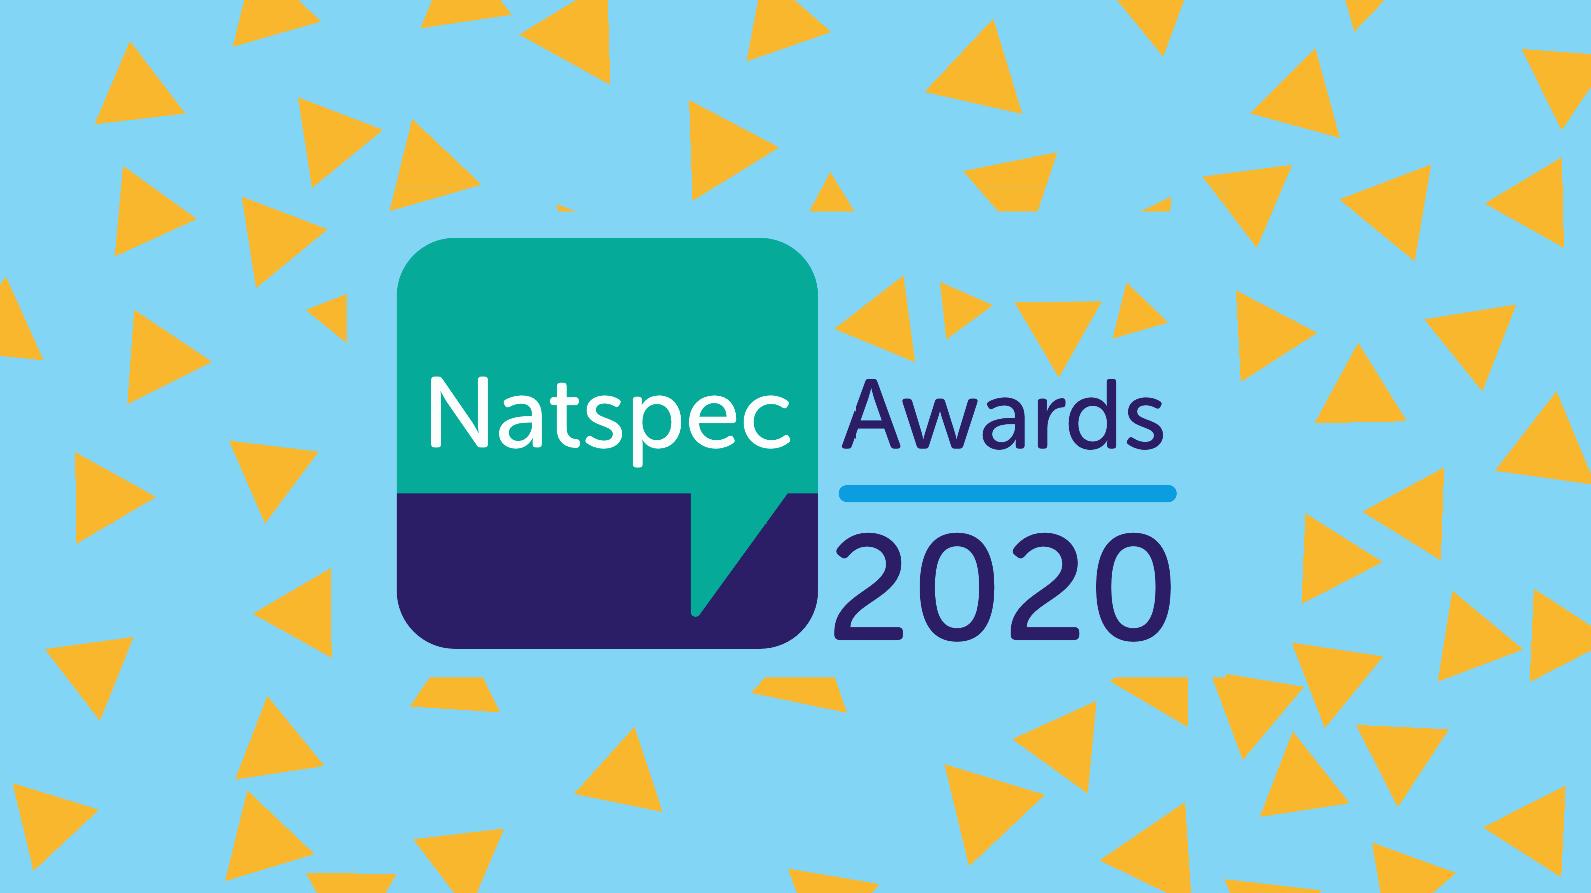 Natspec Awards 2020